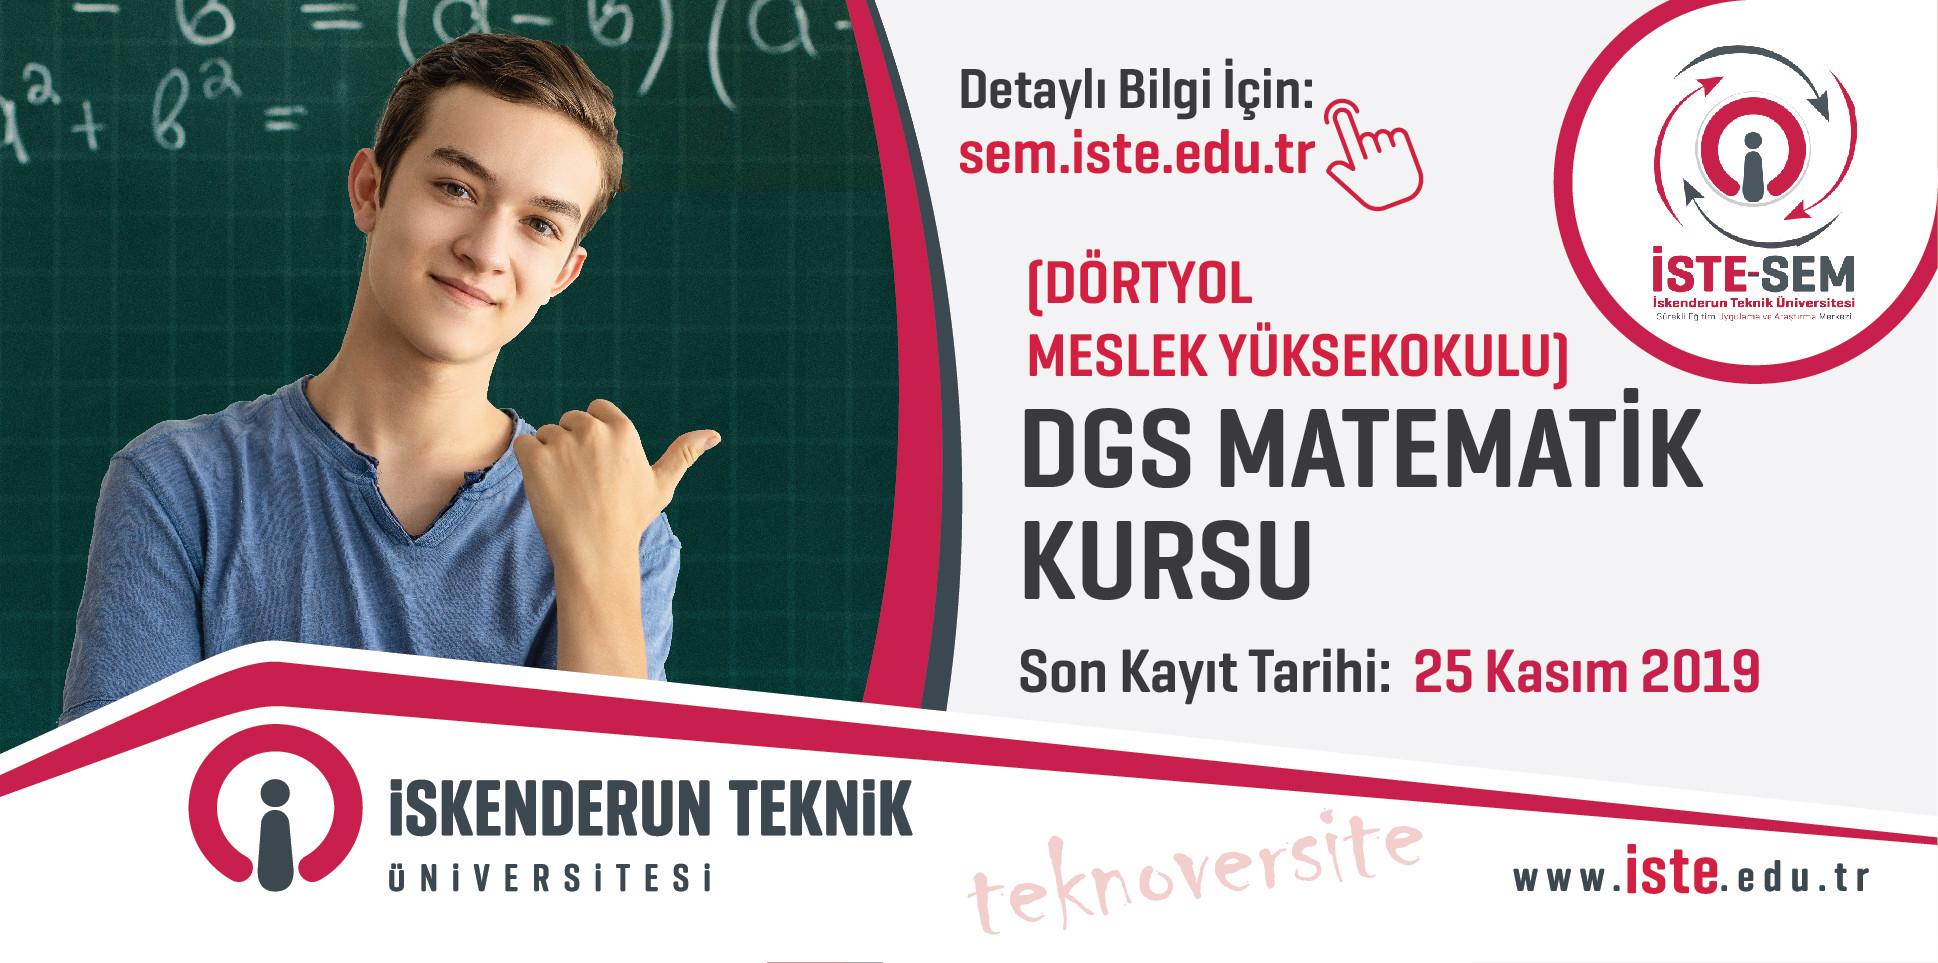 Dikey Geçiş Sınavı (DGS) Matematik Kursu (Dörtyol Meslek Yüksekokulu)